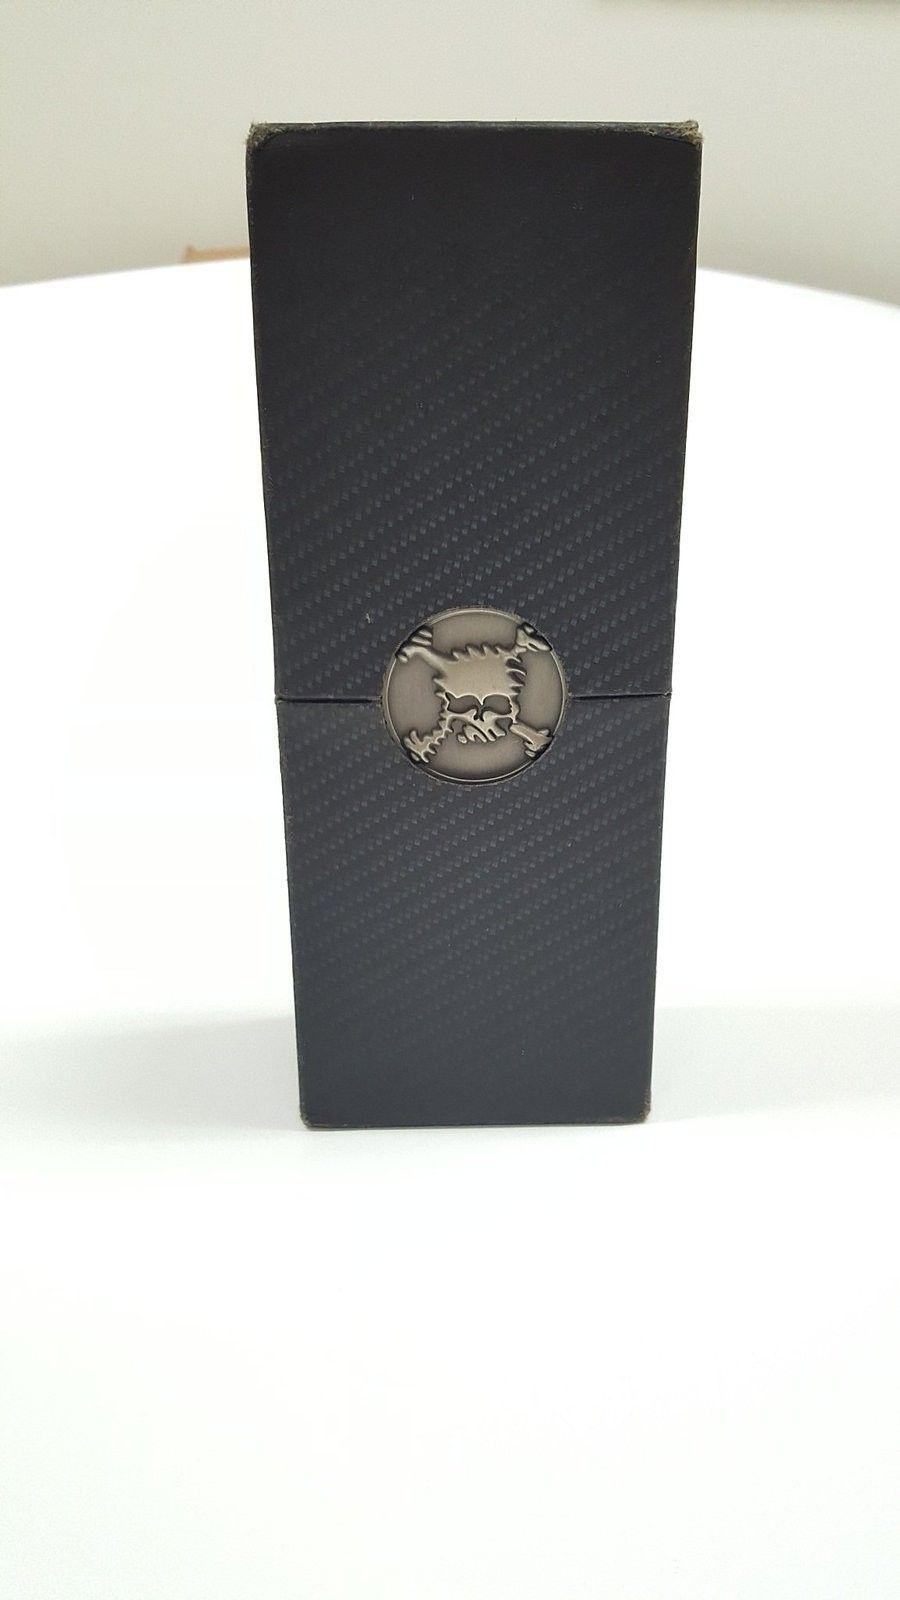 Juliet Box w/coin - 75.00 - 20151026_122109.jpg